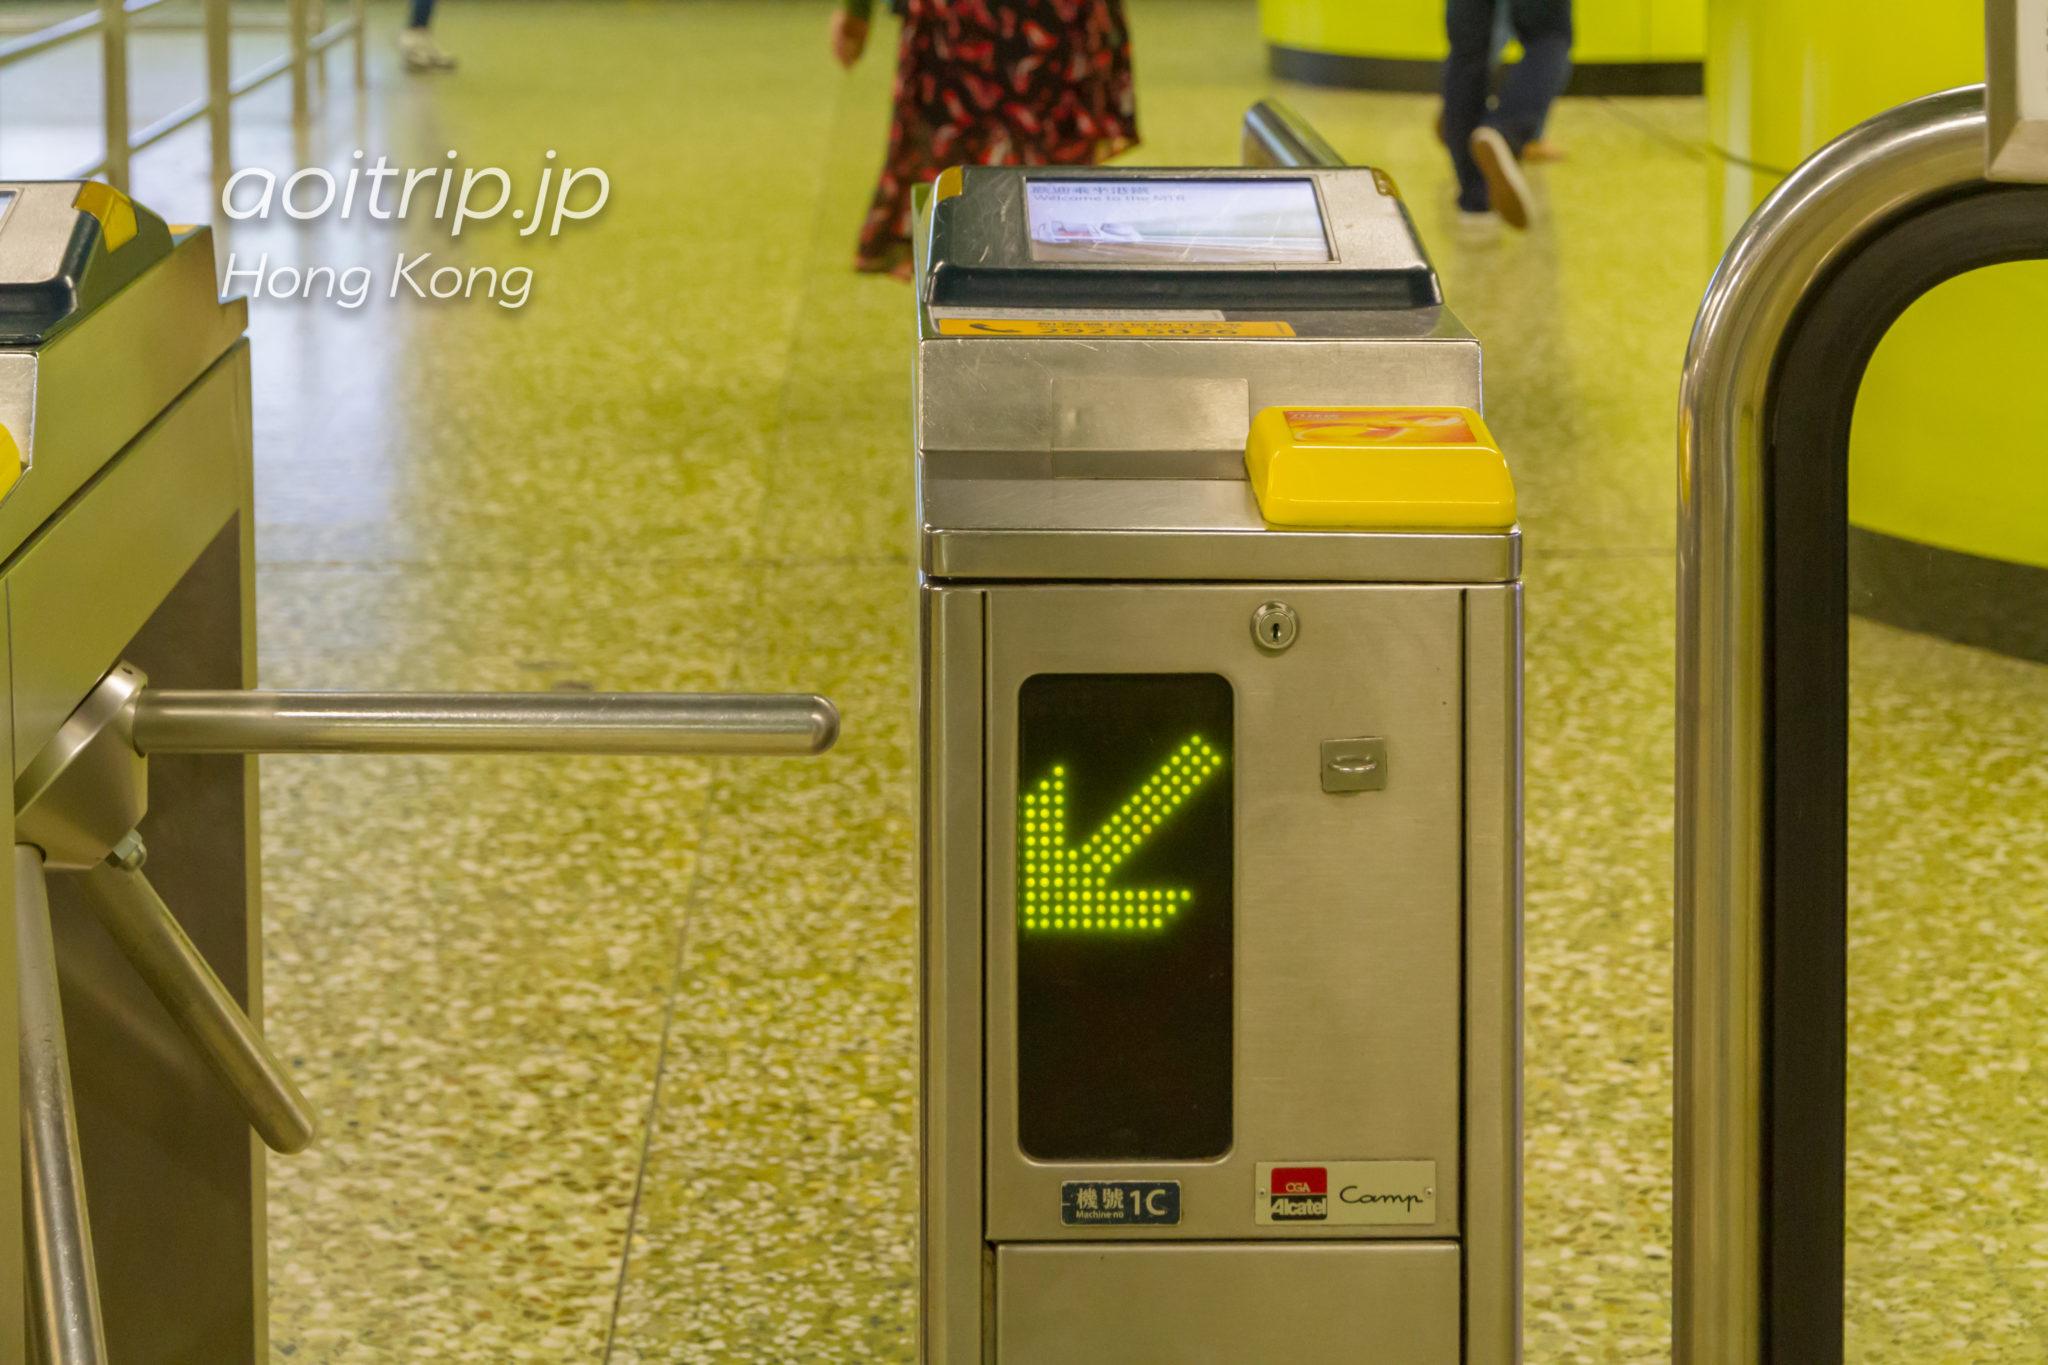 香港の地下鉄MTR 乗り方手順